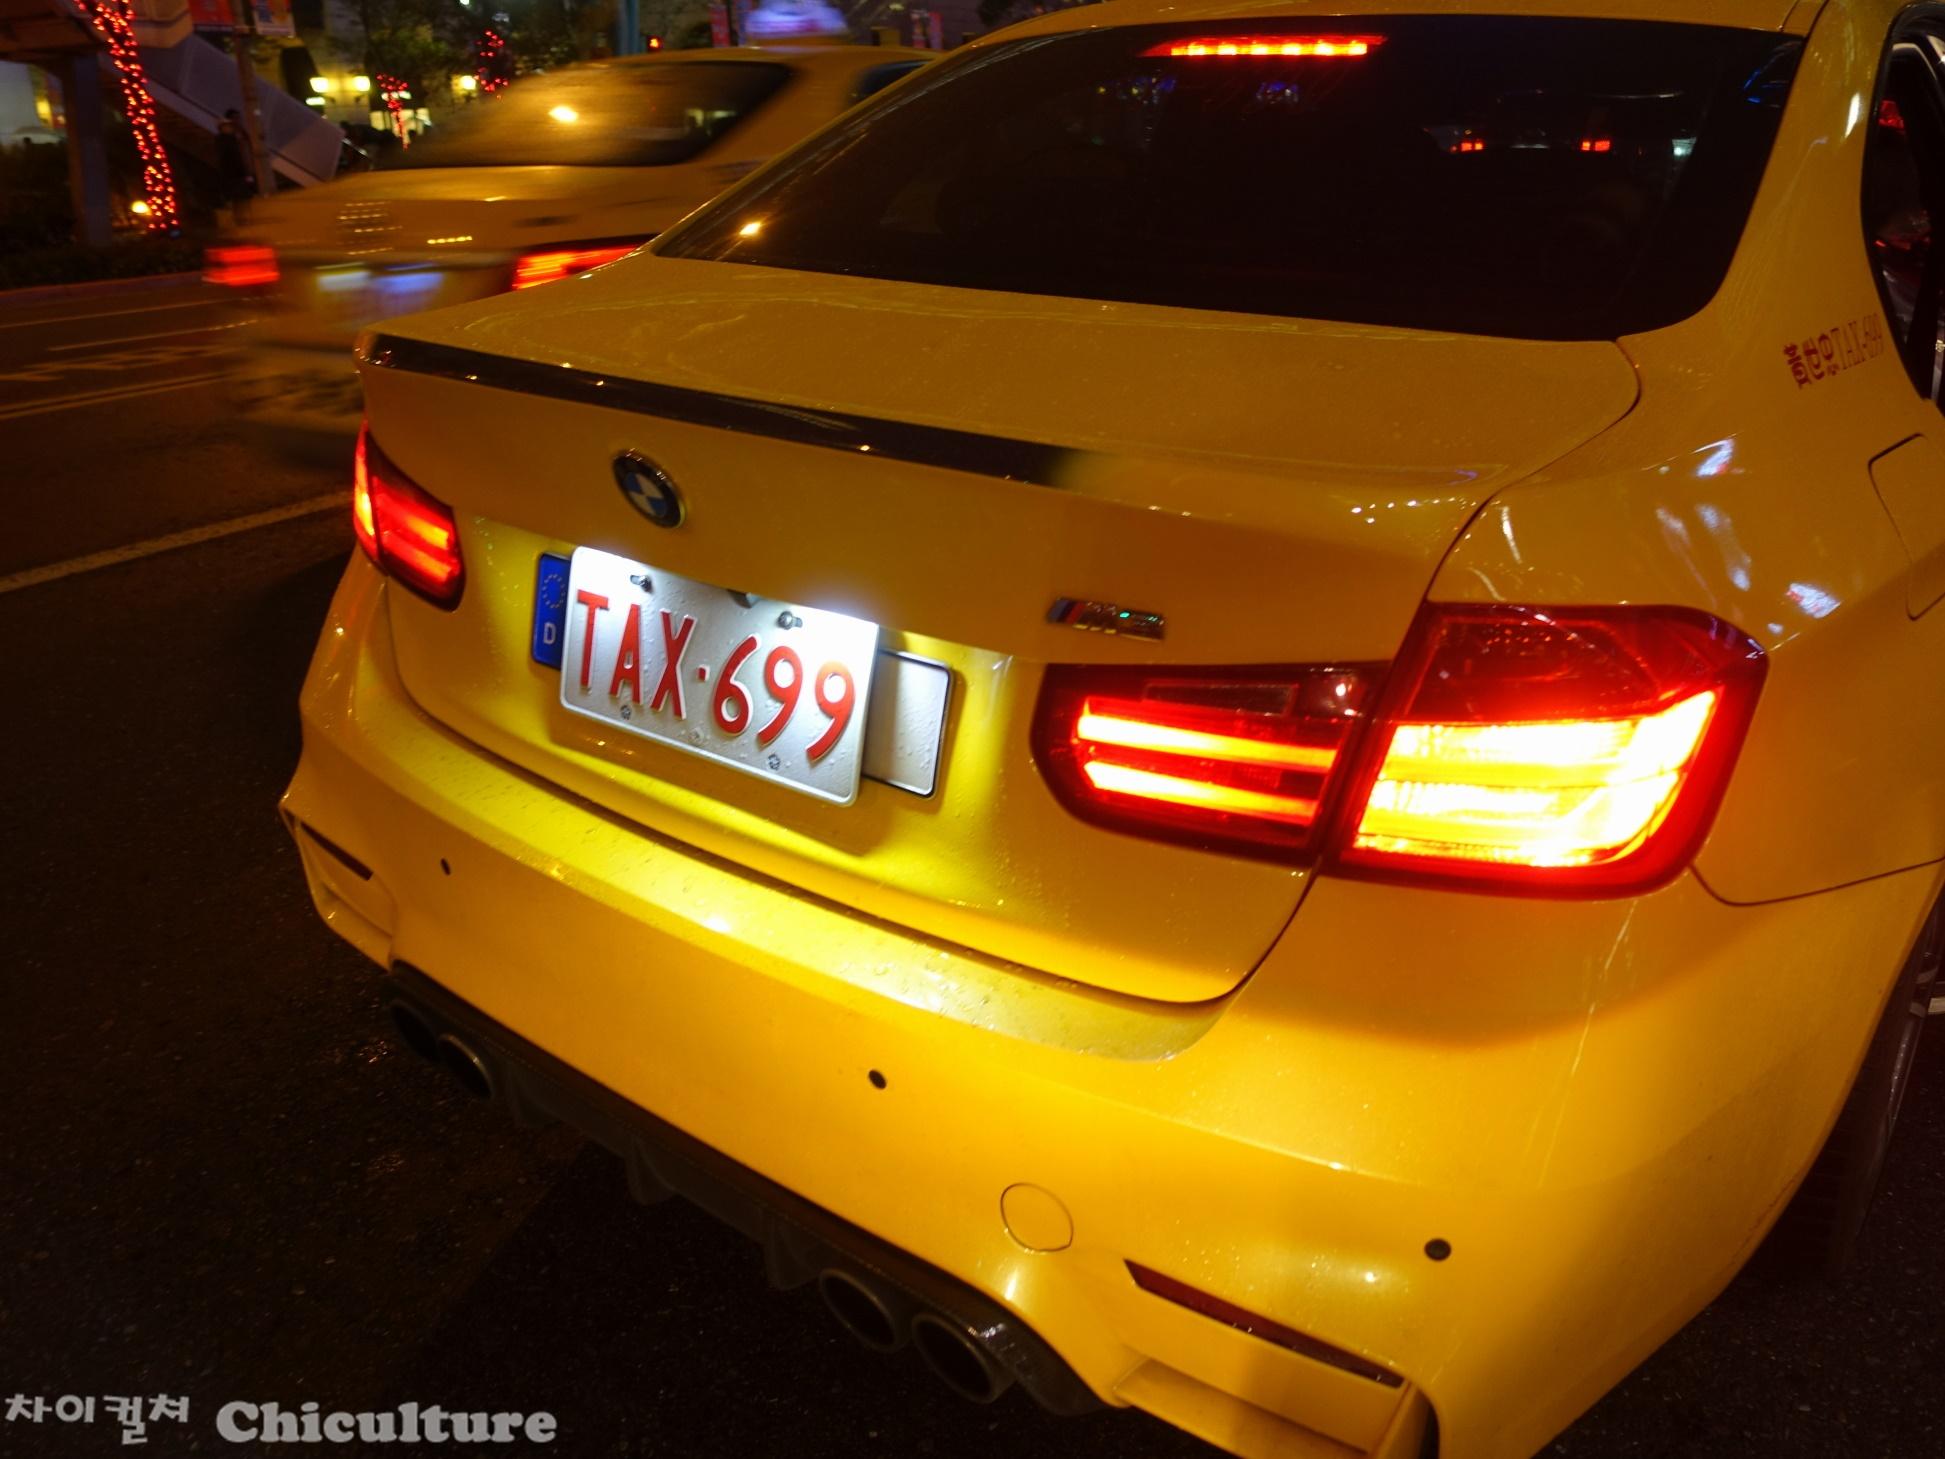 대만에서 타 본 BMW 택시